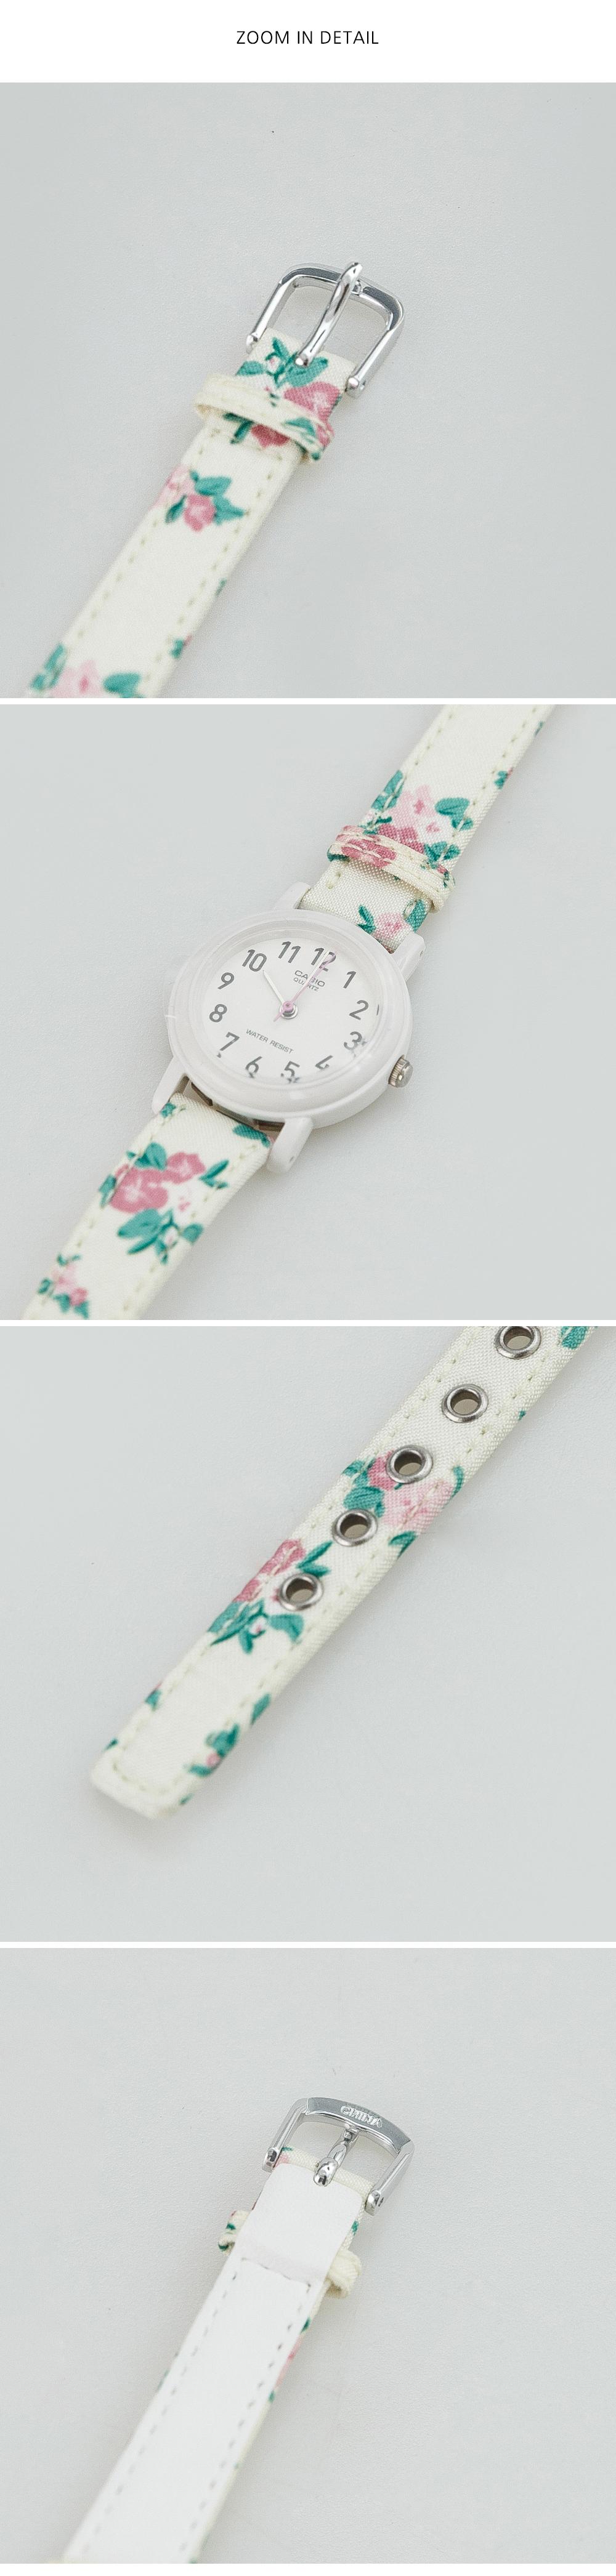 Gulliche Flower Pattern Watch